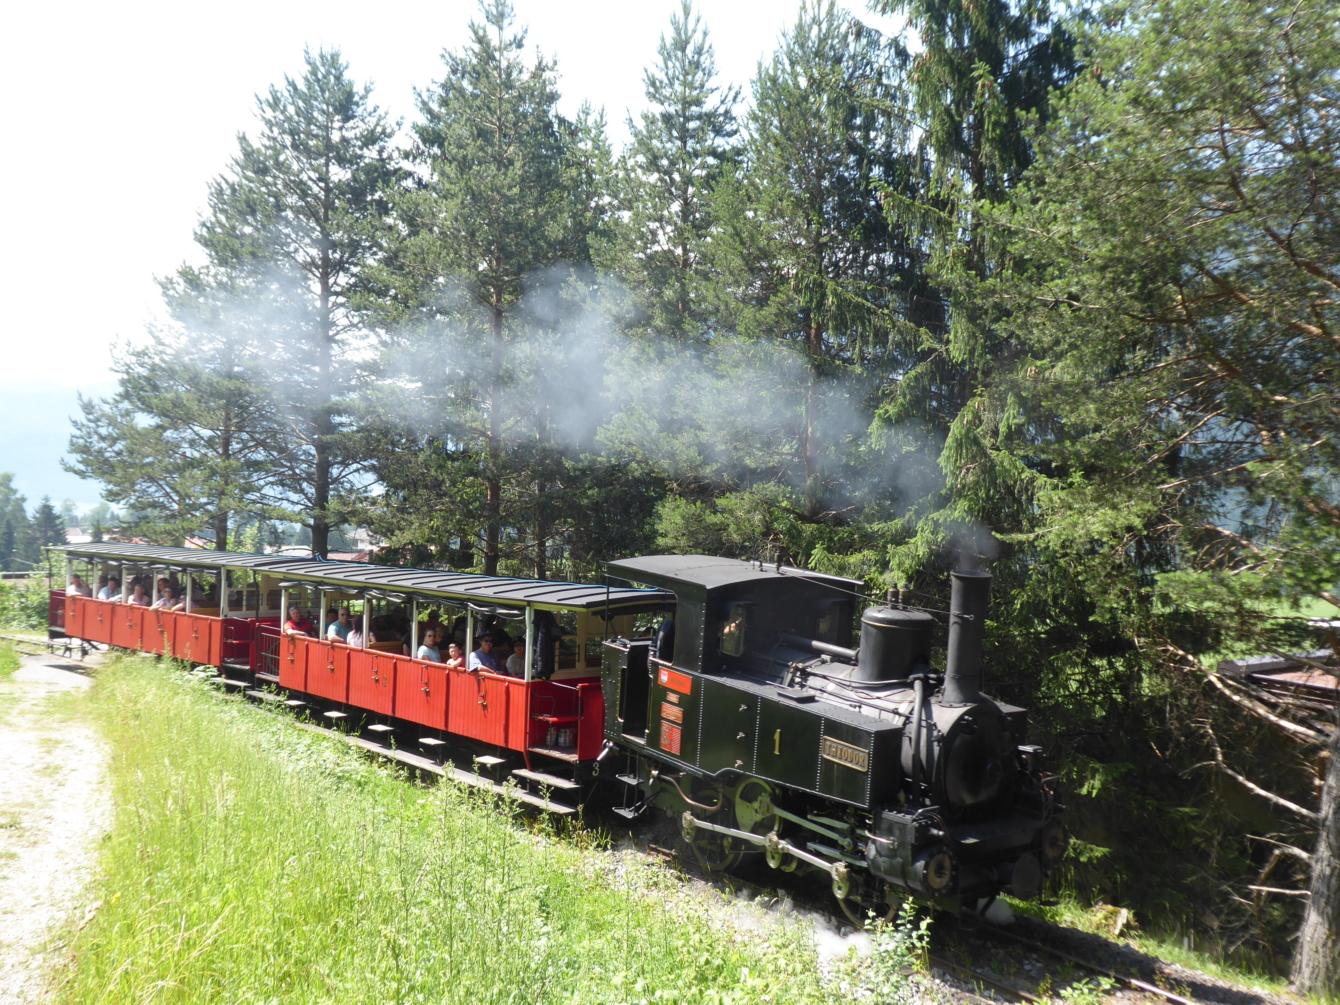 Achensee Steam Cog Railway, Tyrol, AUSTRIA - 7 MOST ENDANGERED